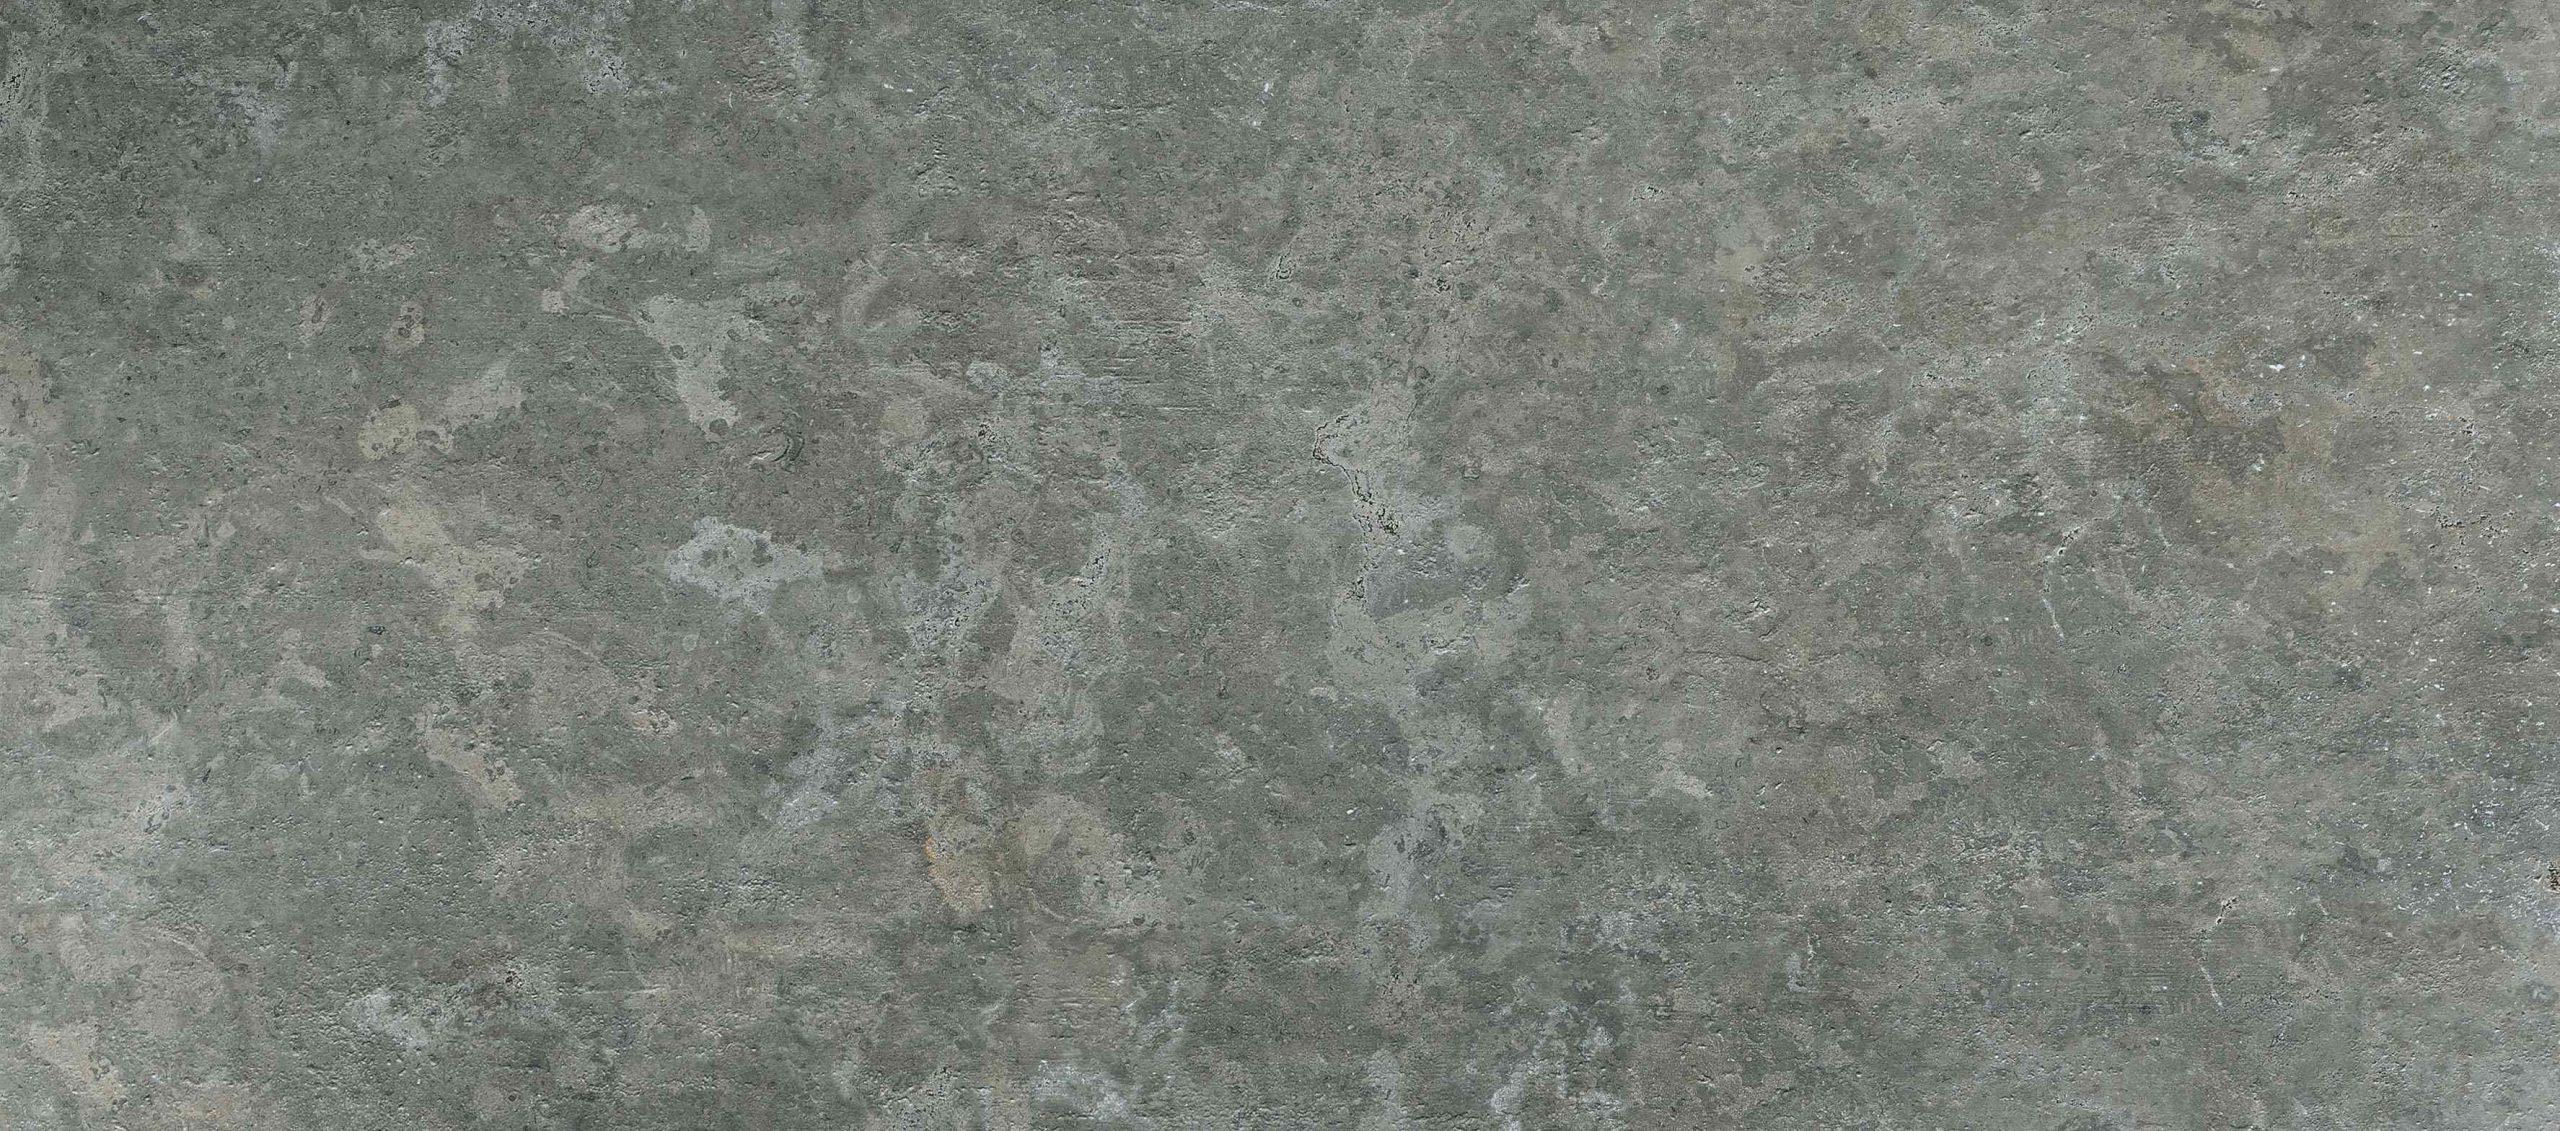 Pietre/3 Limestone Coal Matte 10mm 80 x 180